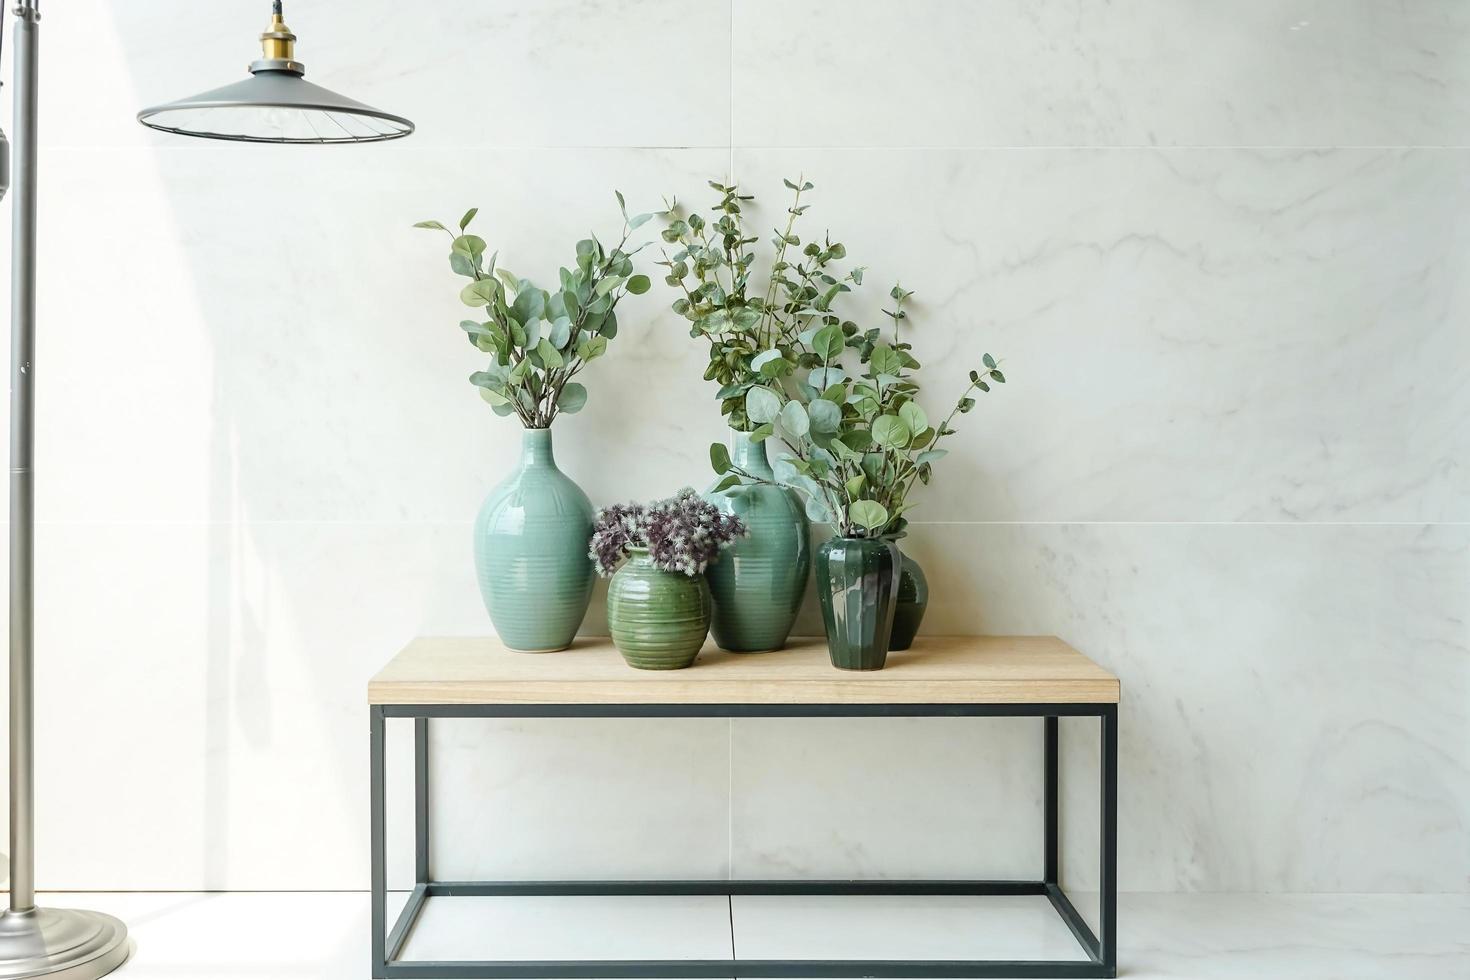 Gruppe der schönen Zimmerpflanze mit Blumentopf auf Holztisch und weißem Marmorhintergrund. foto